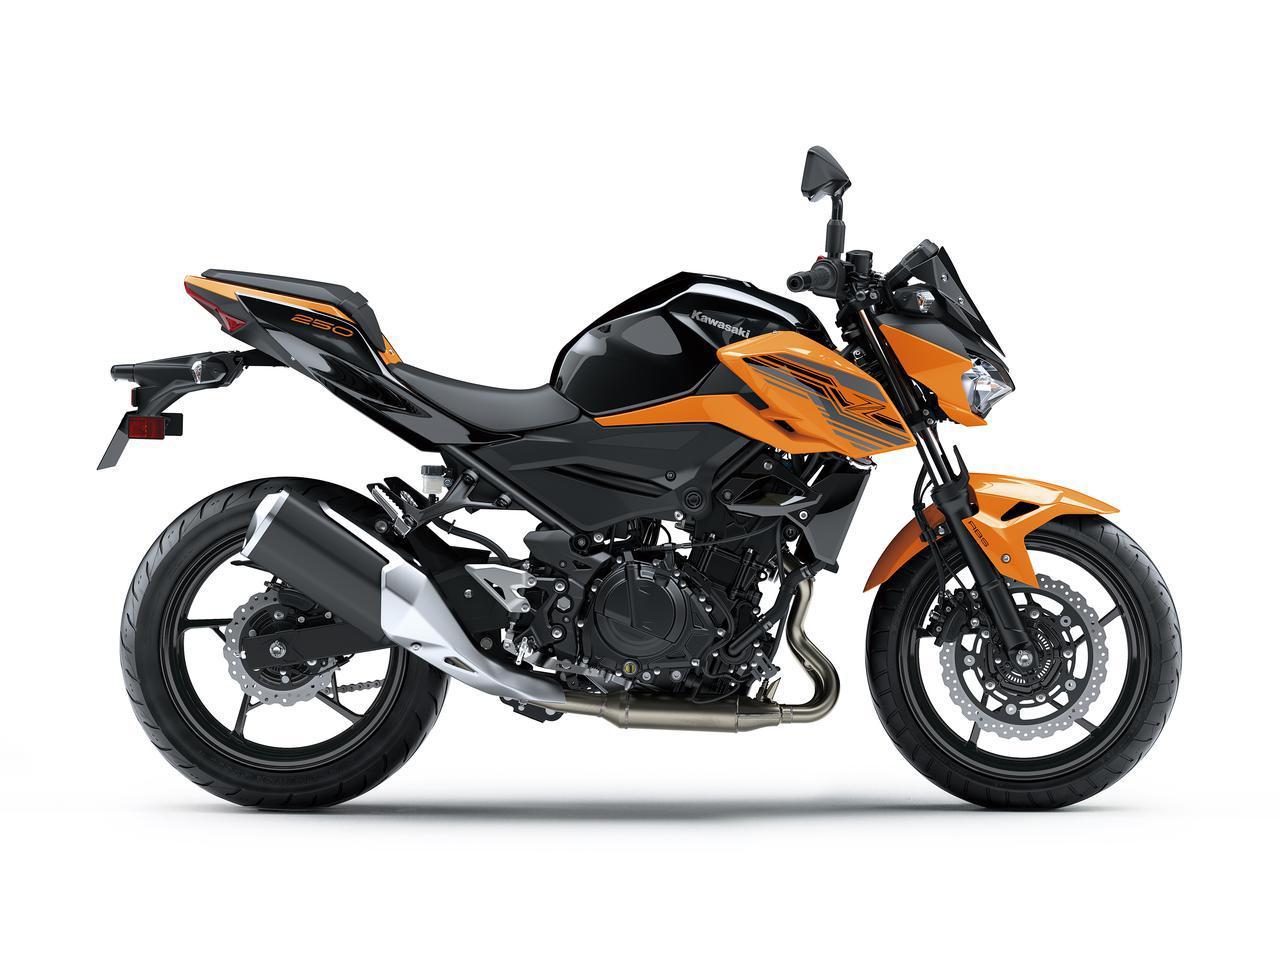 画像13: カワサキが「Z250」の2021年モデルを発売! 2020年モデルと比較してみよう【2021速報】